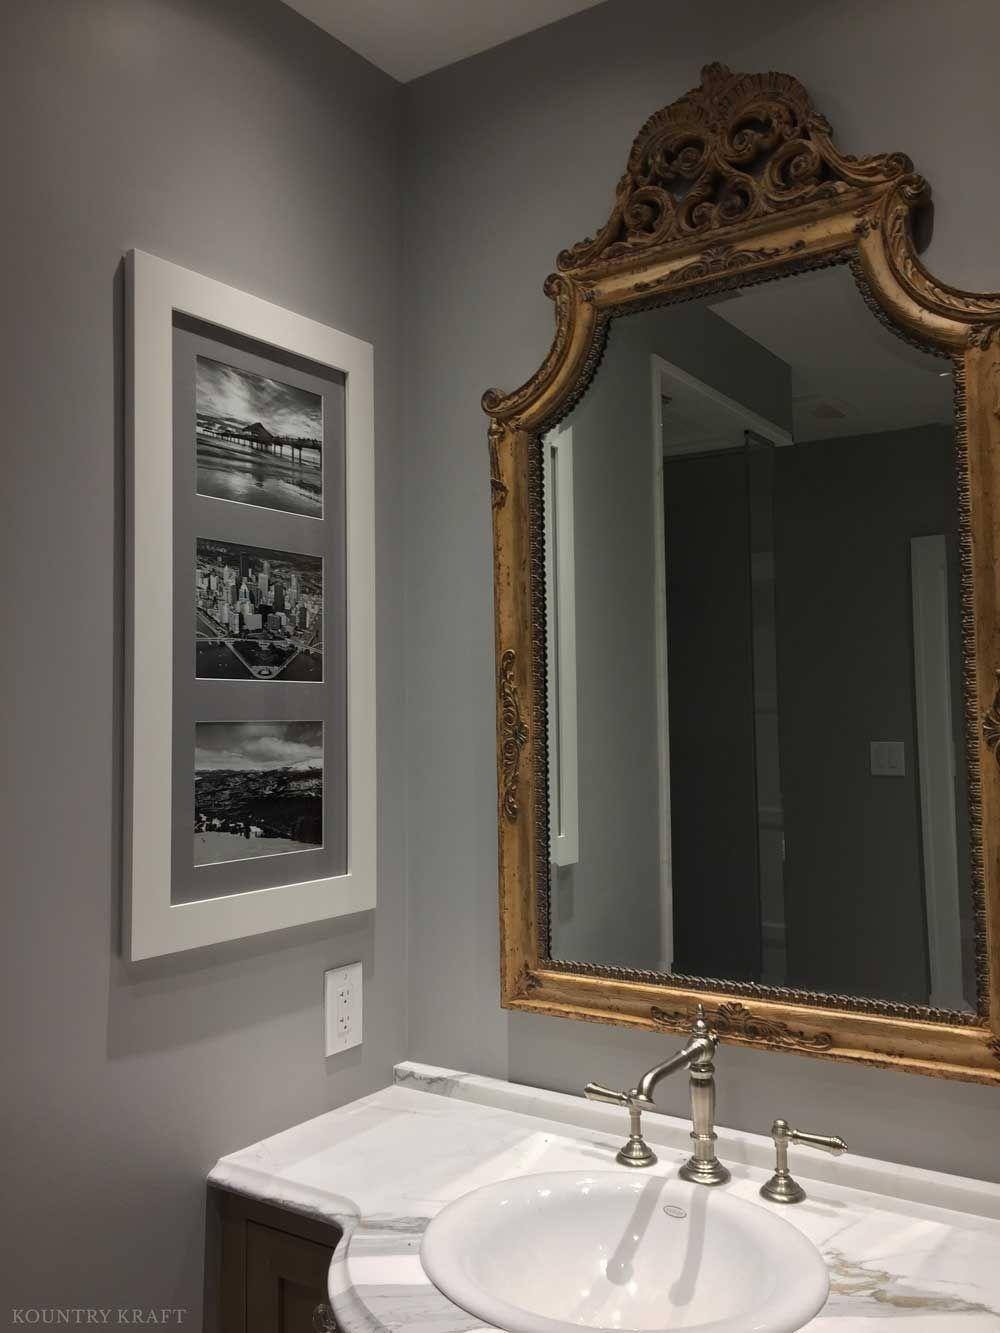 custom bathroom vanity cabinets in pittsburgh on custom bathroom vanity plans id=99524